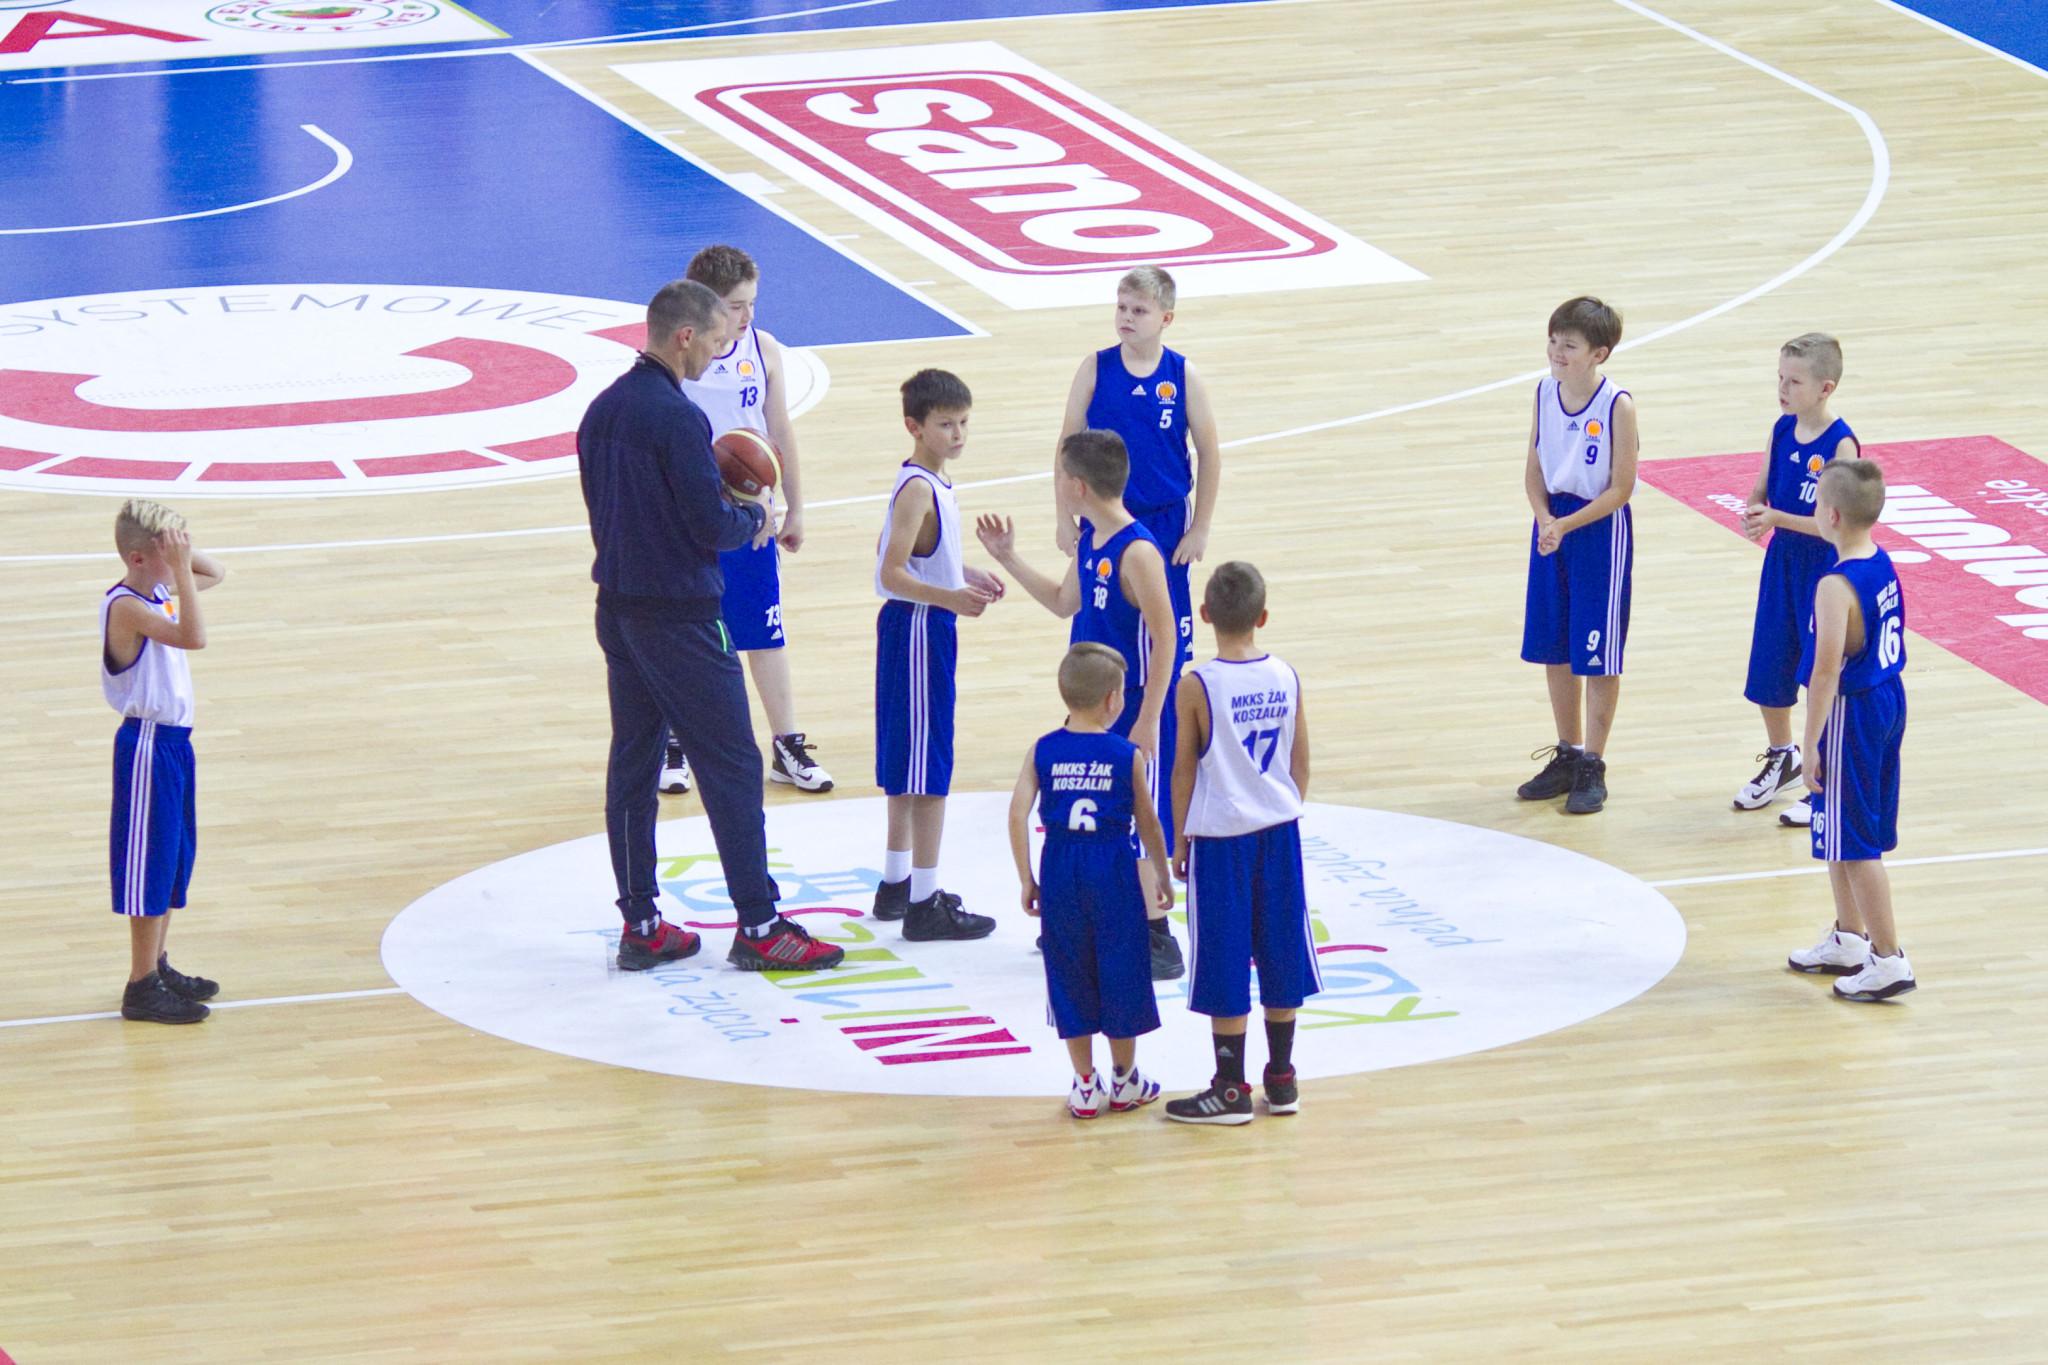 Działania takie jak współpraca z trenerami grup młodzieżowych pokazuje nowy kierunek przyjęty przez kierownictwo klubu.